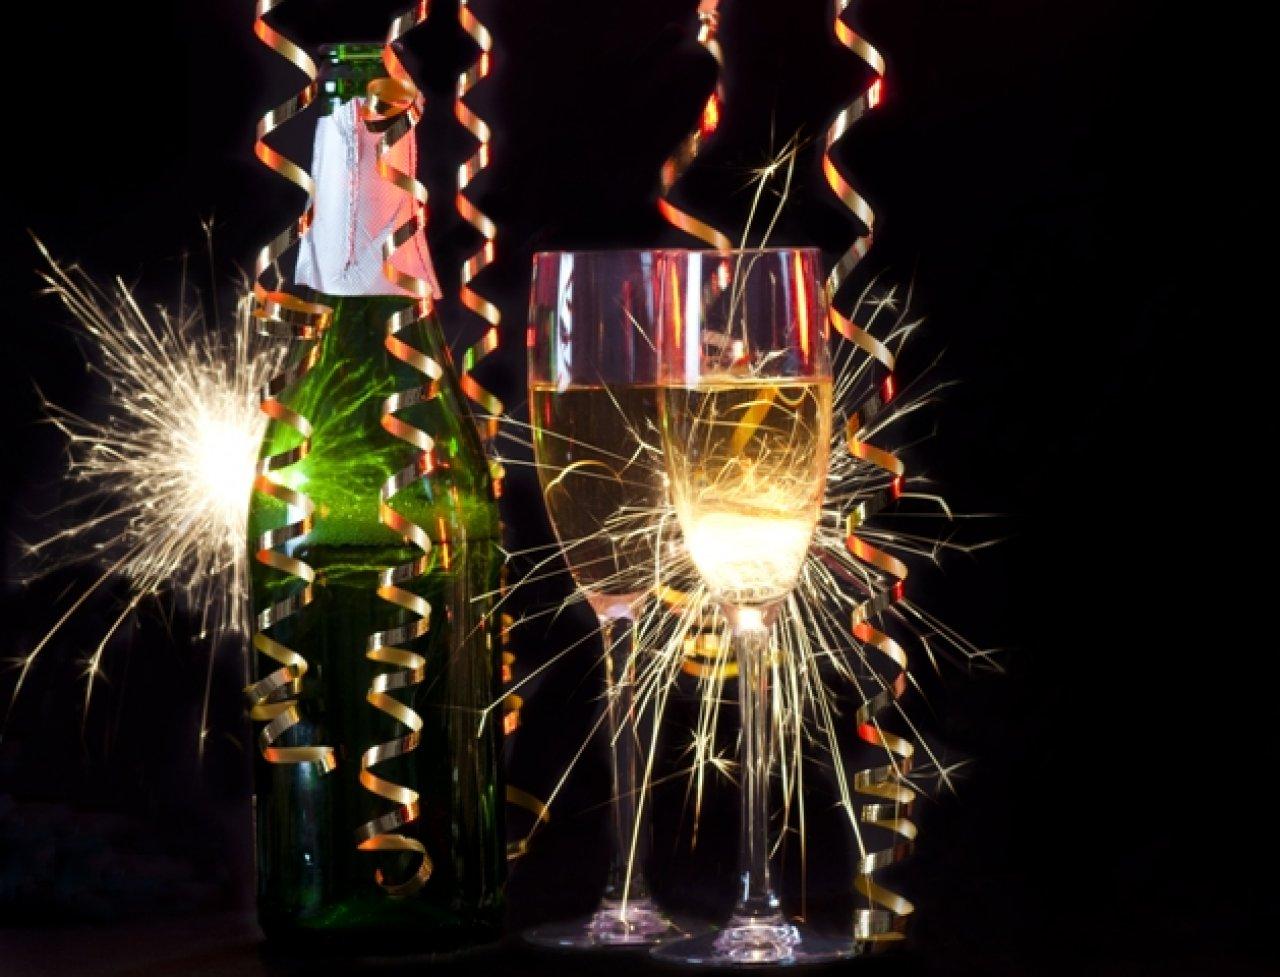 По традиции Новый год встречают с бокалом шампанского